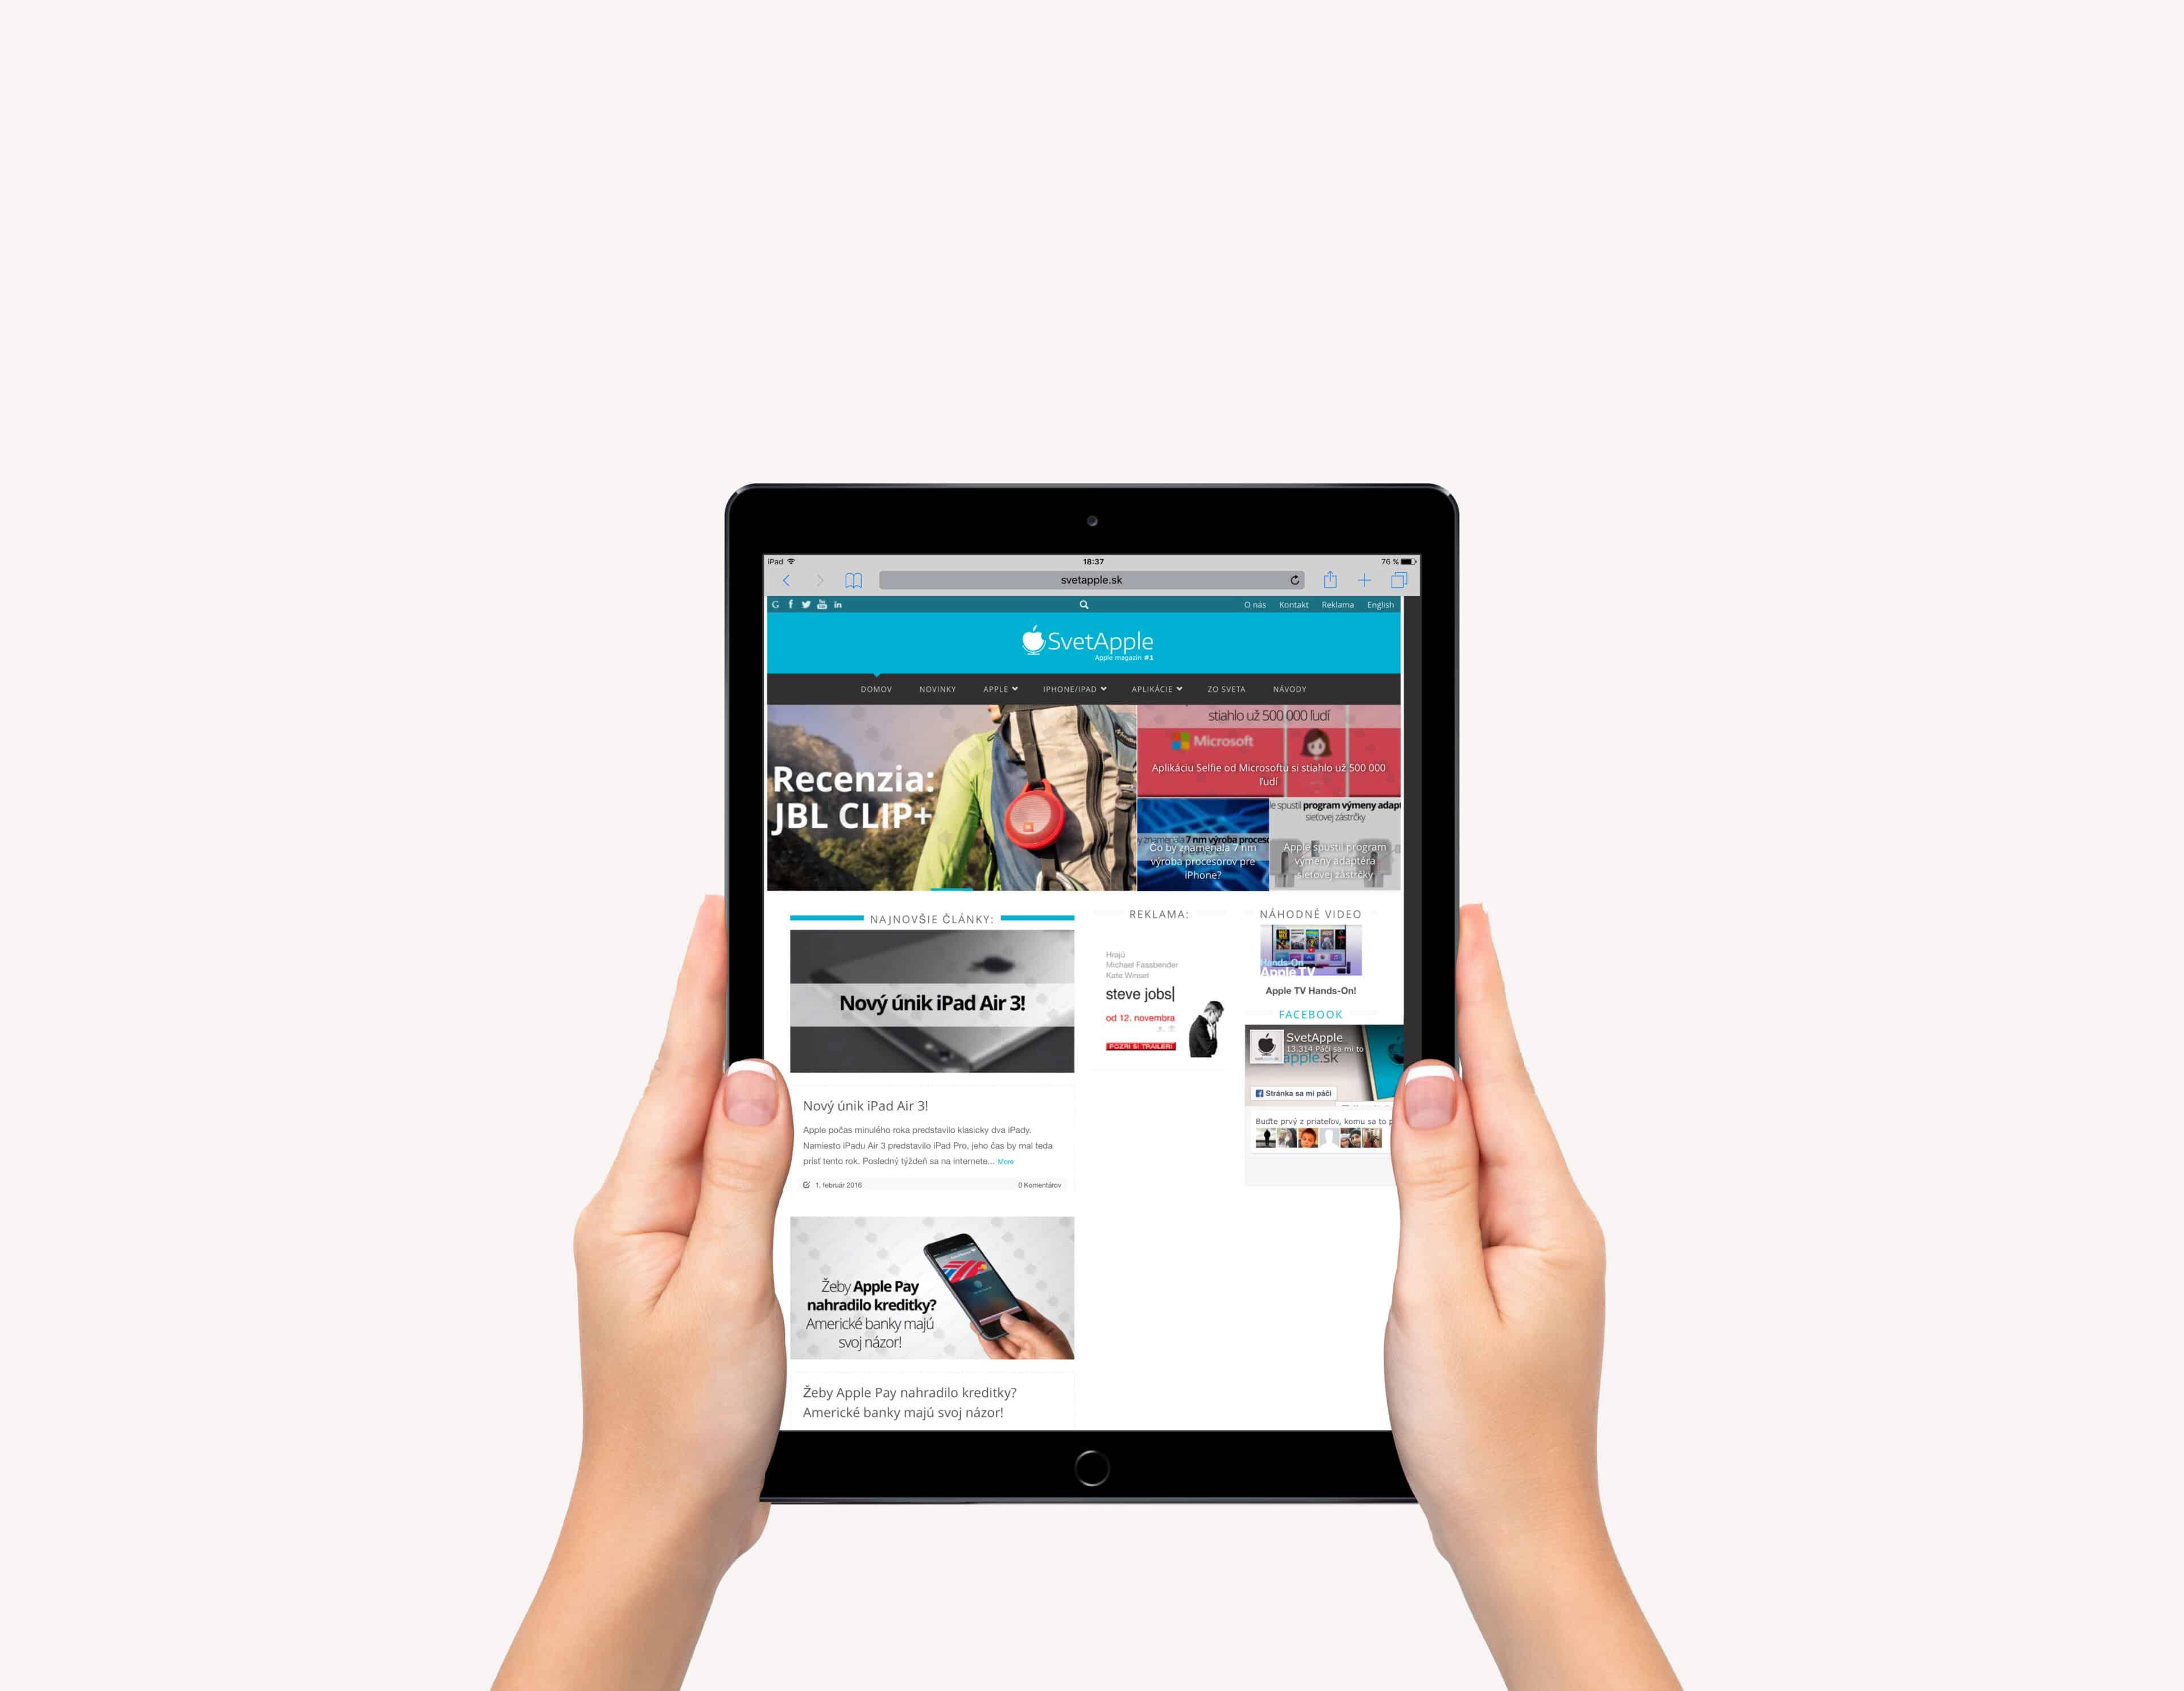 iPad-Pro-SvetApple